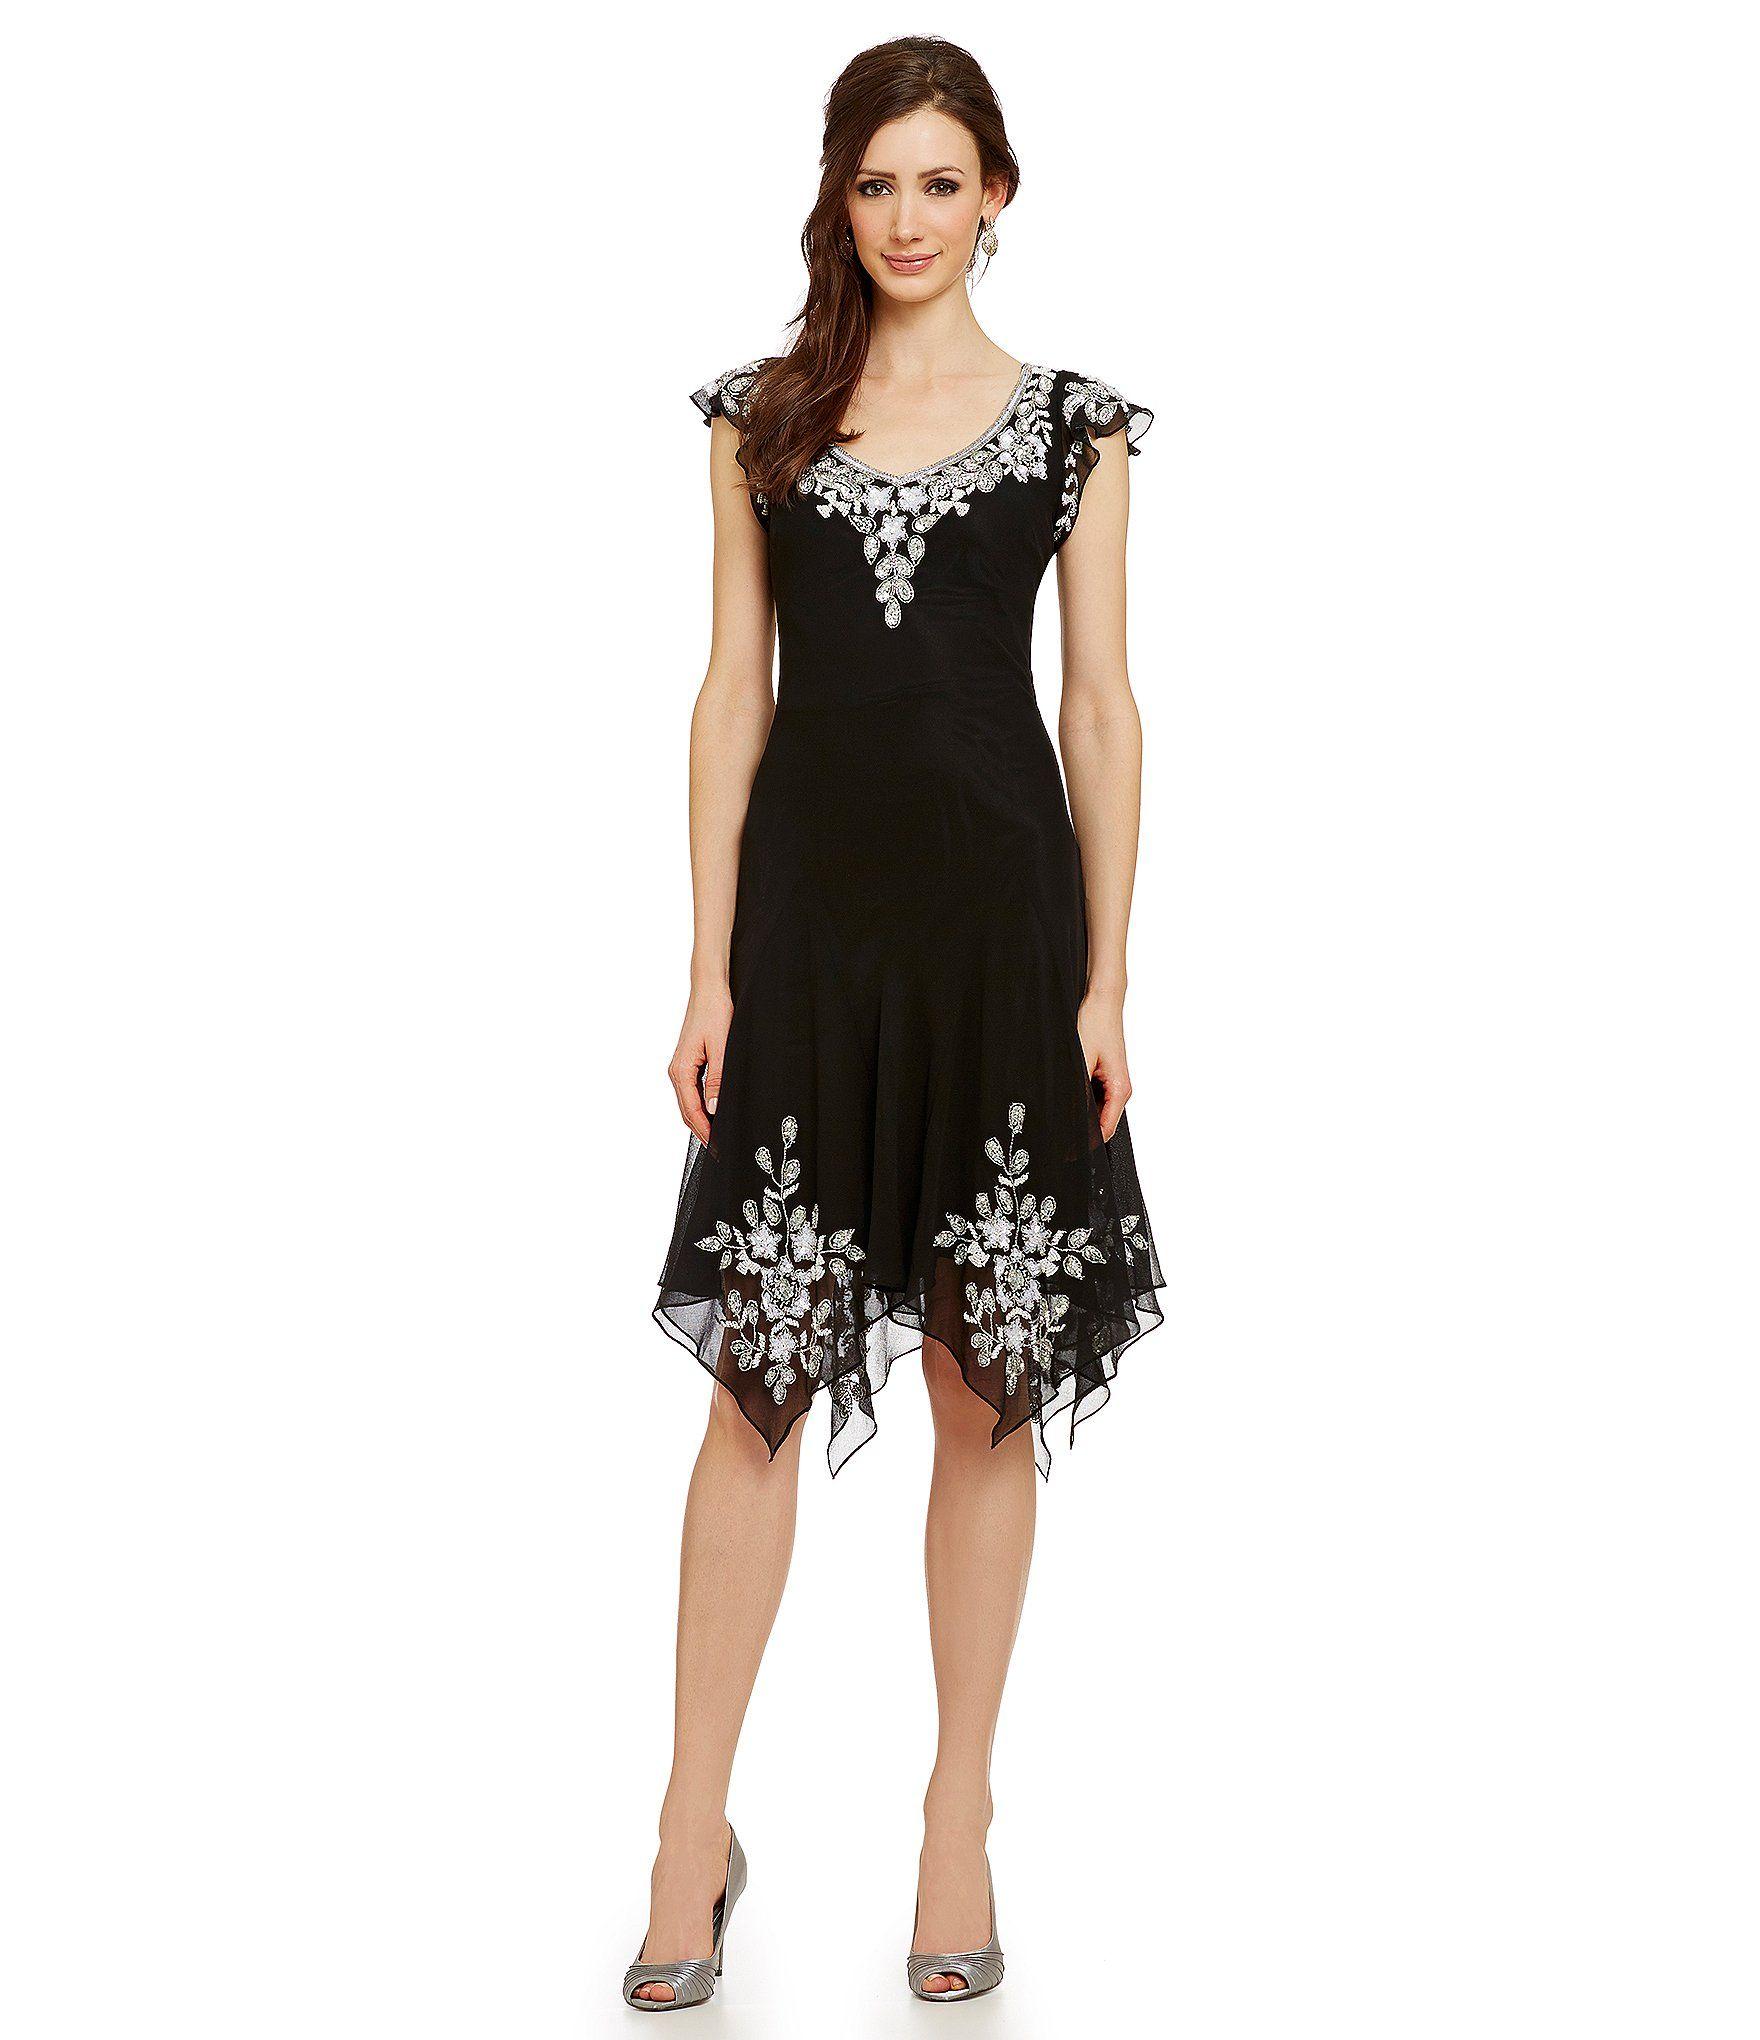 Shop for JKara Cap Sleeve Beaded Dress at